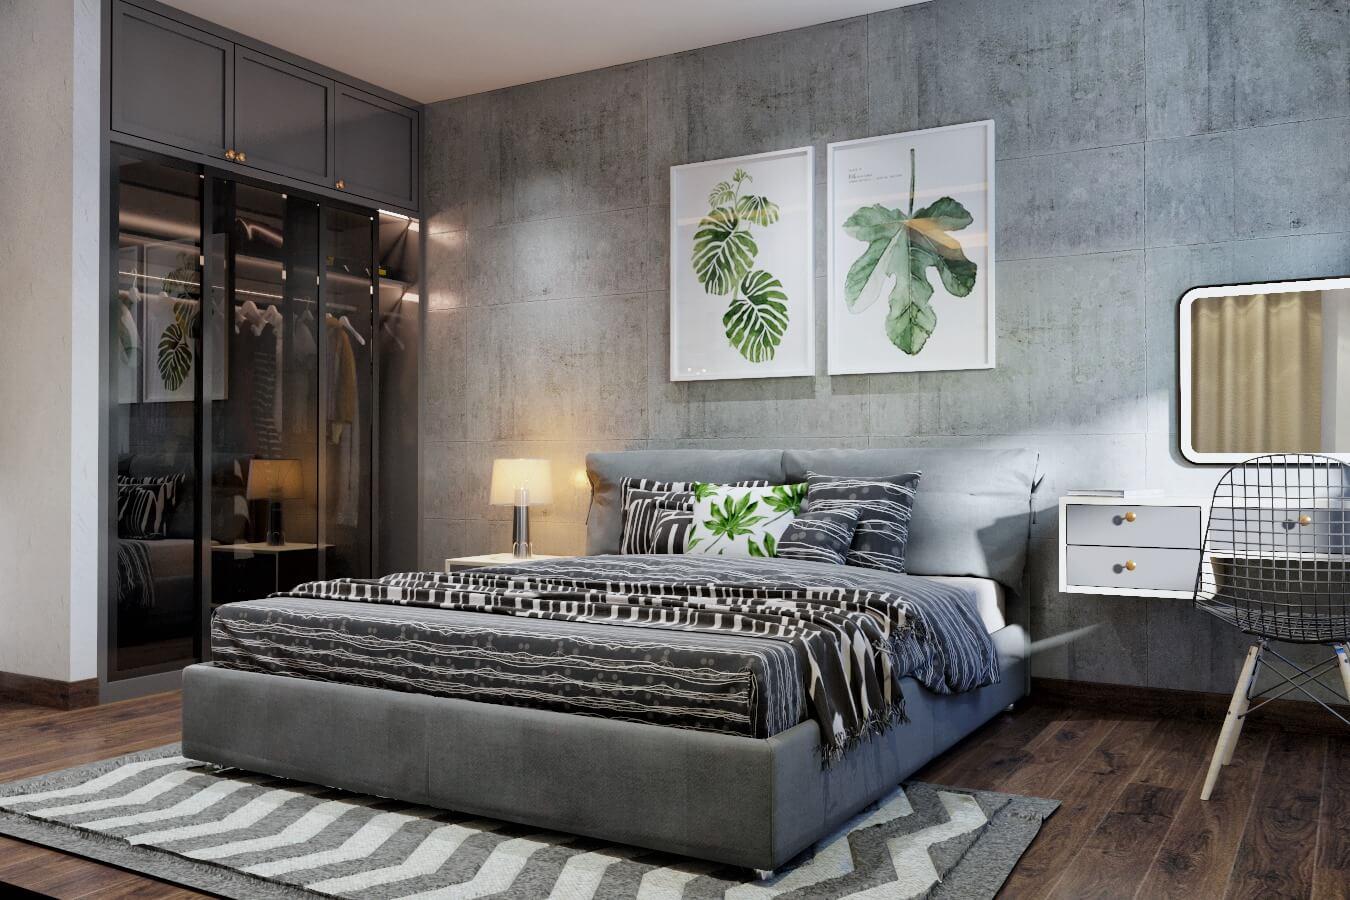 Phòng ngủ được tạo điểm nhấn với bức tranh đẹp mắt